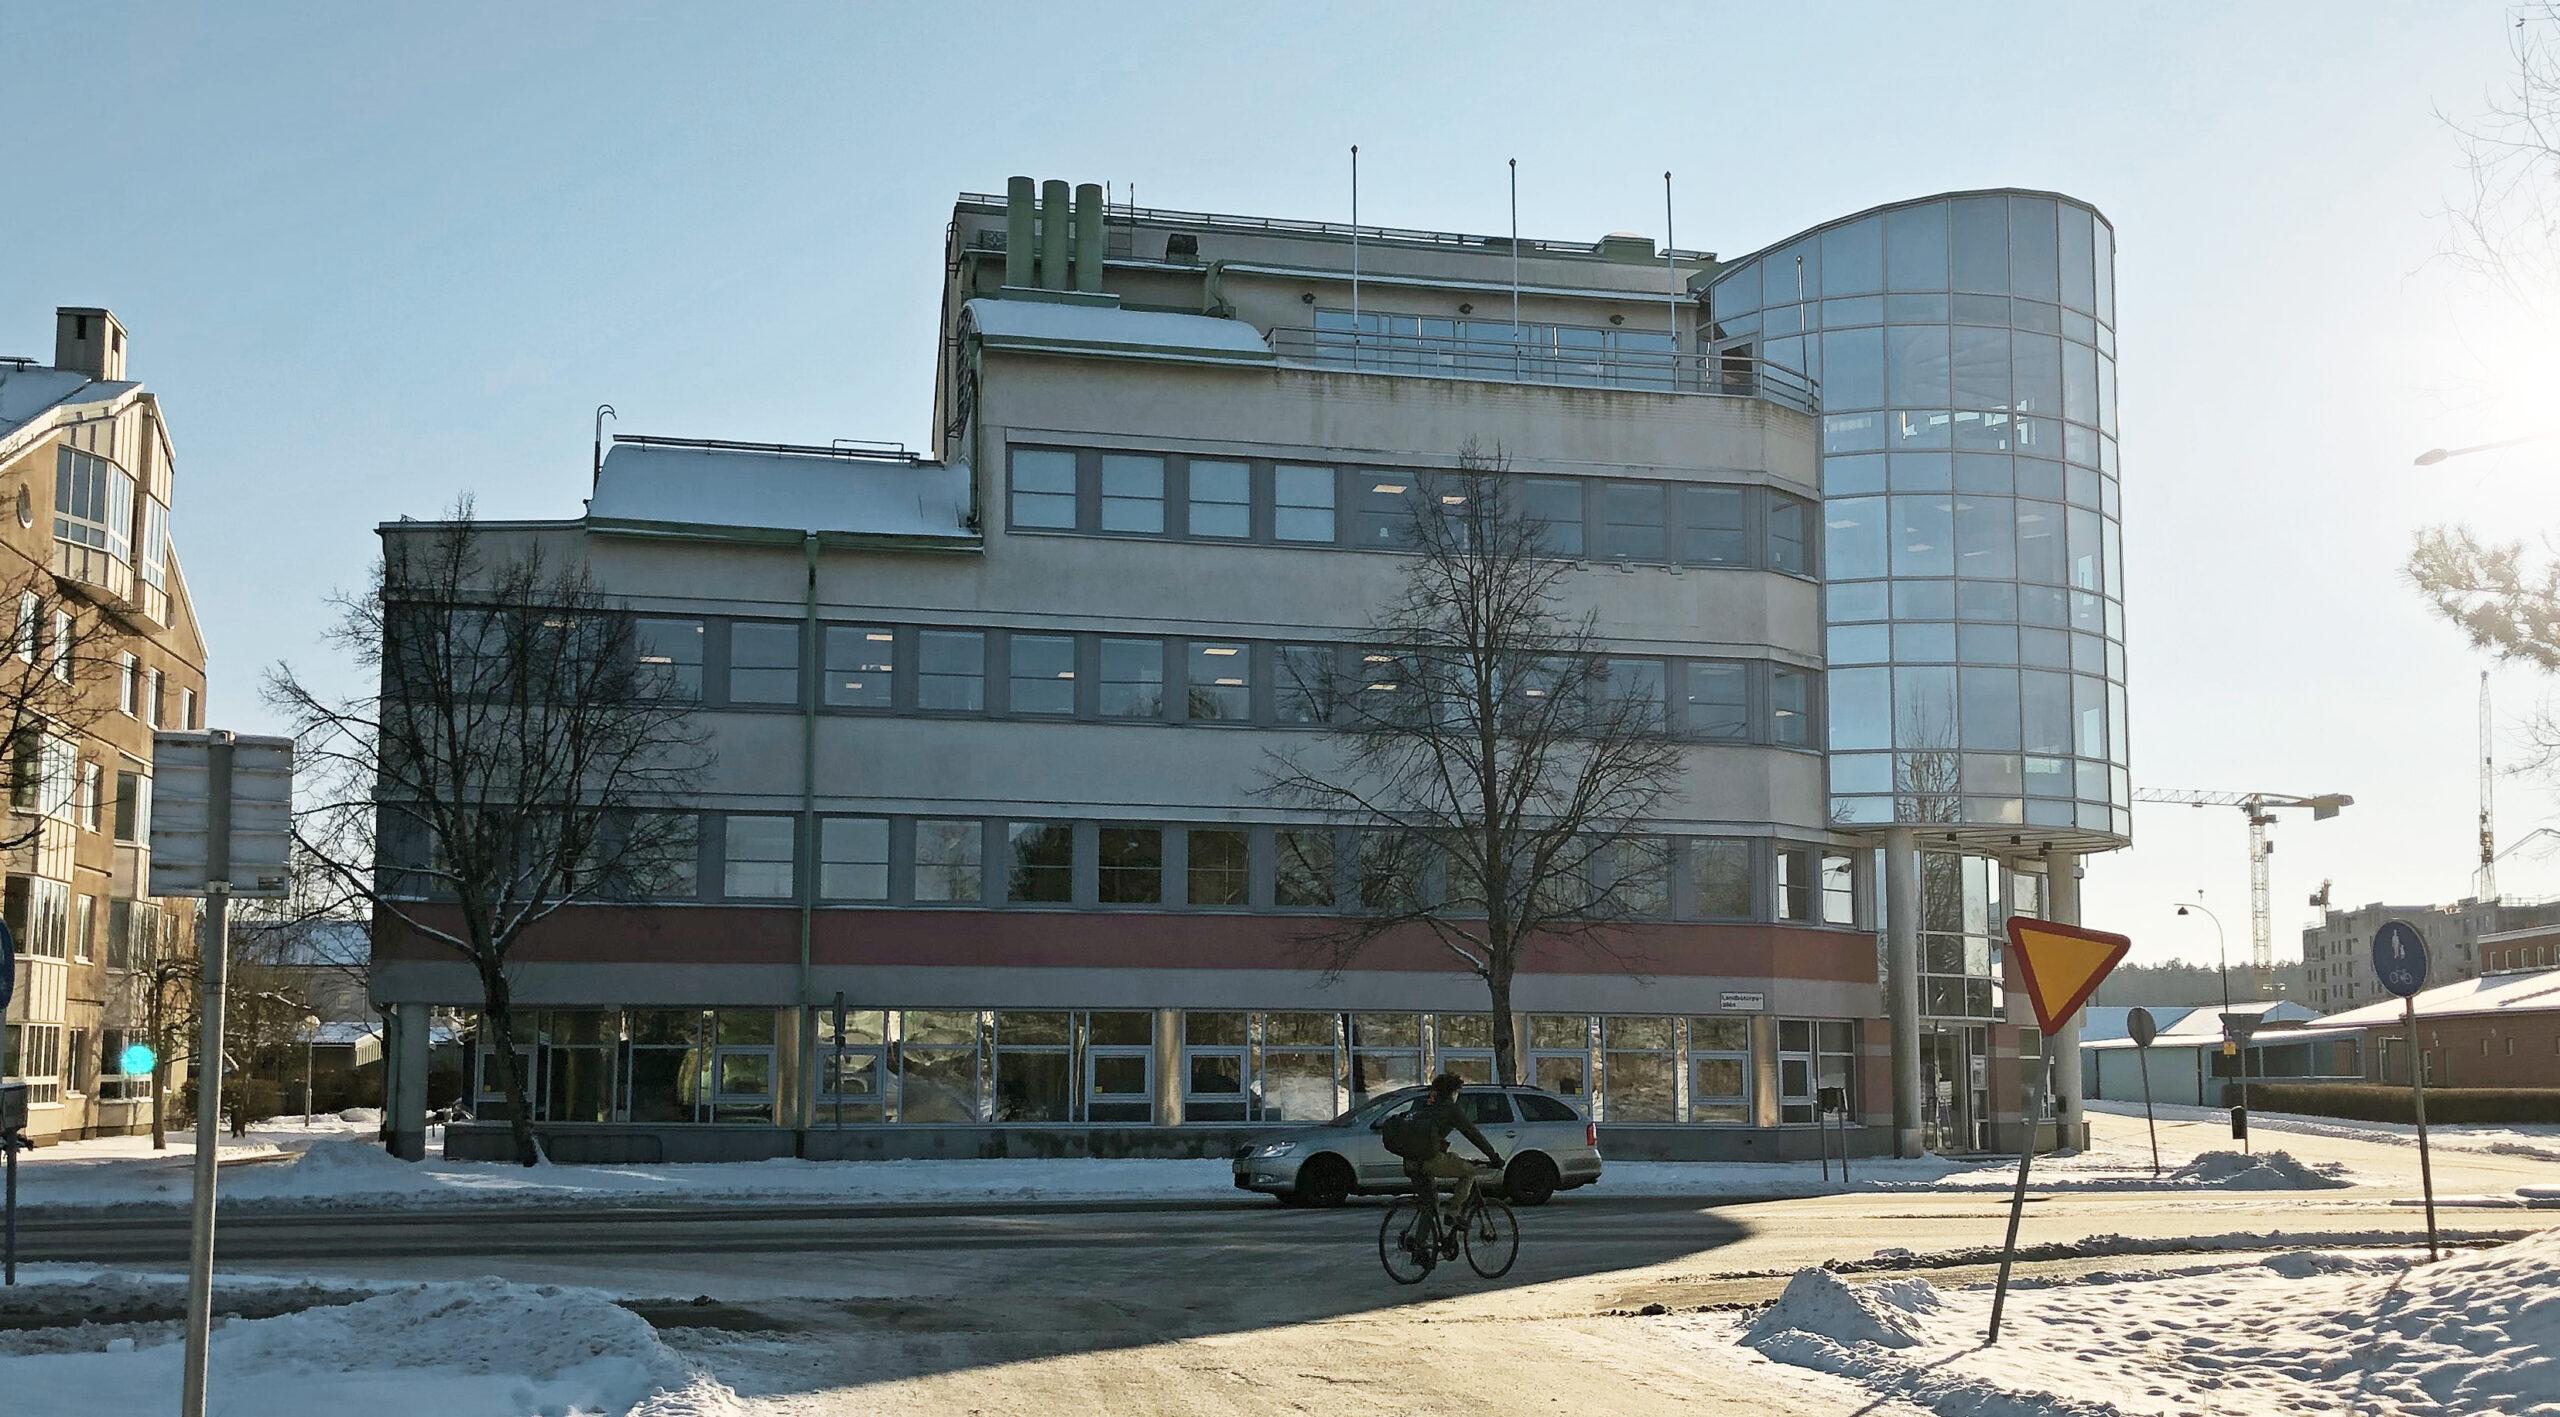 Nyfosa Örebro